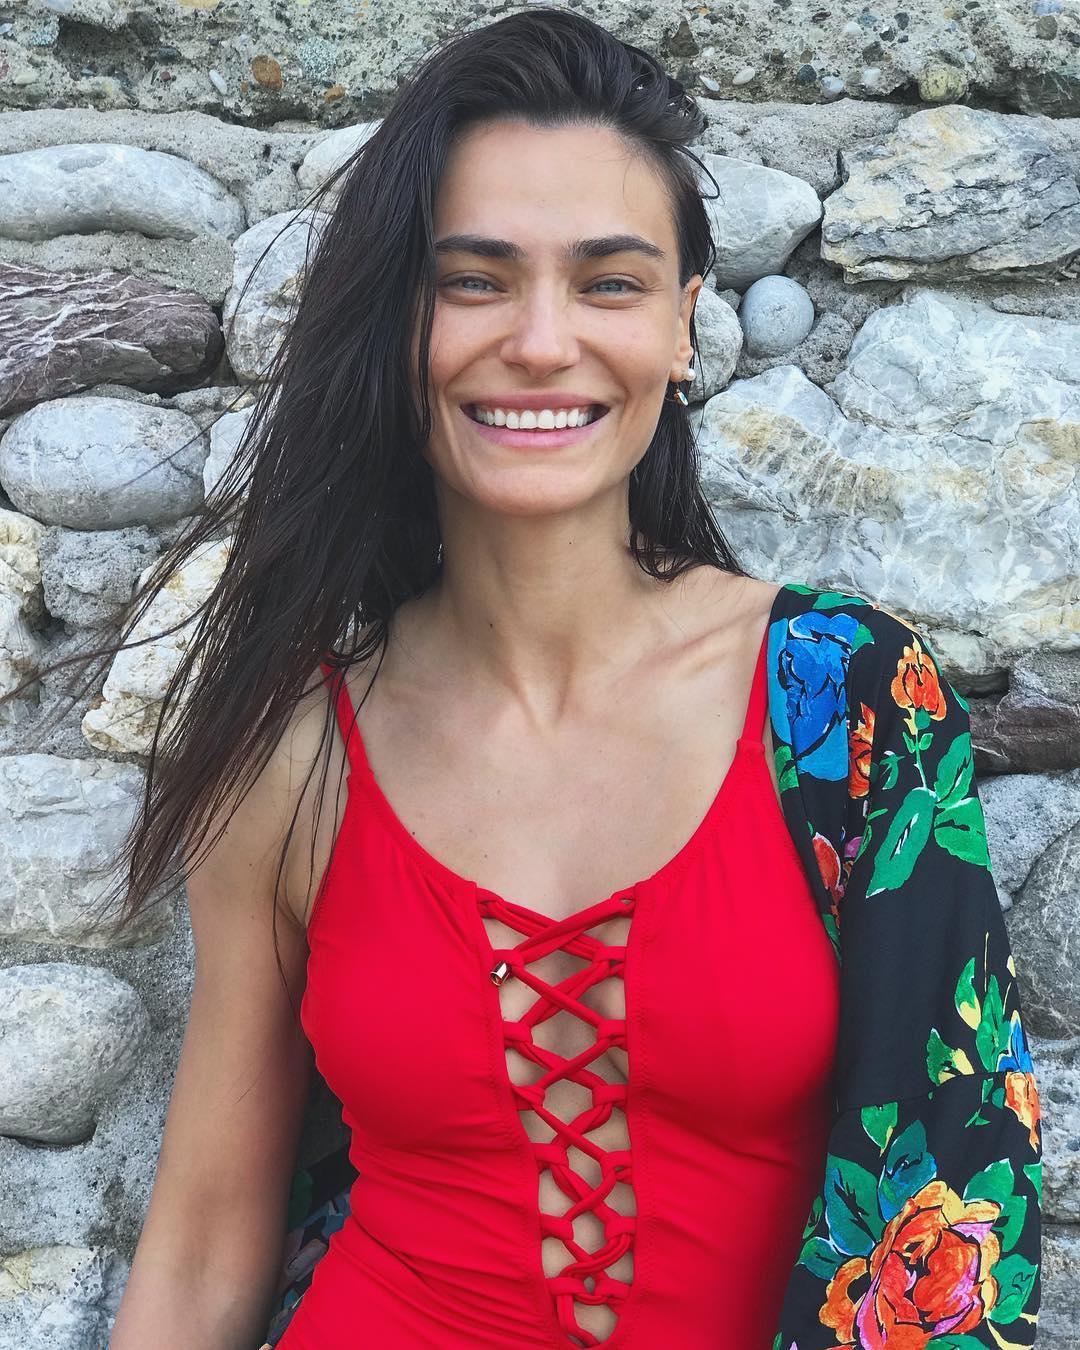 Derin göğüs dekolteli seksi mayosu ile cesur pozlar veren Saadet Işıl Aksoy yürek hoplattı! En güzel Türk ünlü kadınların HD resimleri için buraya tıklayın.